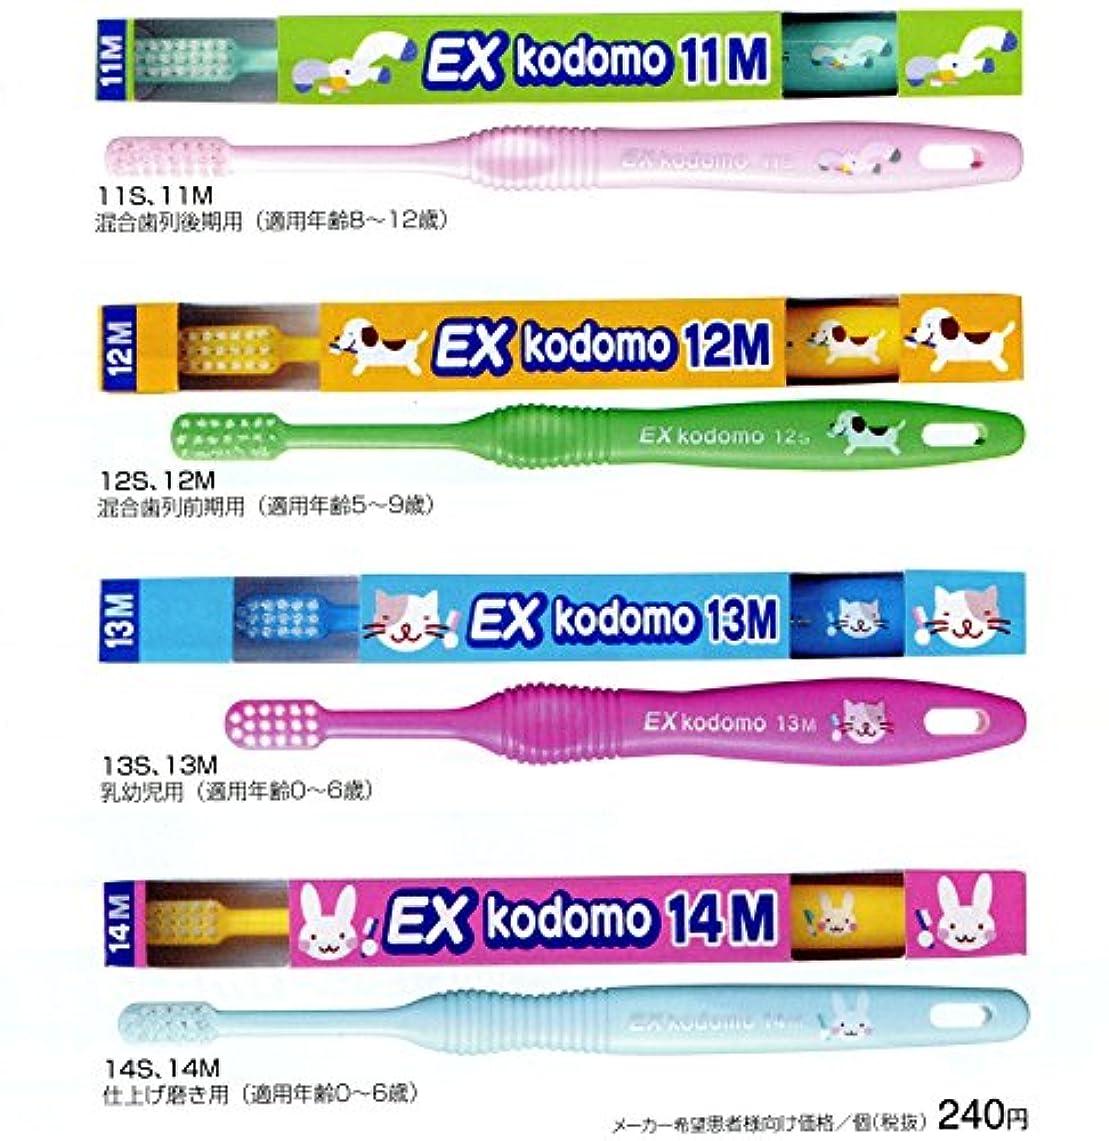 スキーム害風が強いDENT.EX kodomo/11M ピンク (混合歯列後期用?8?12歳)